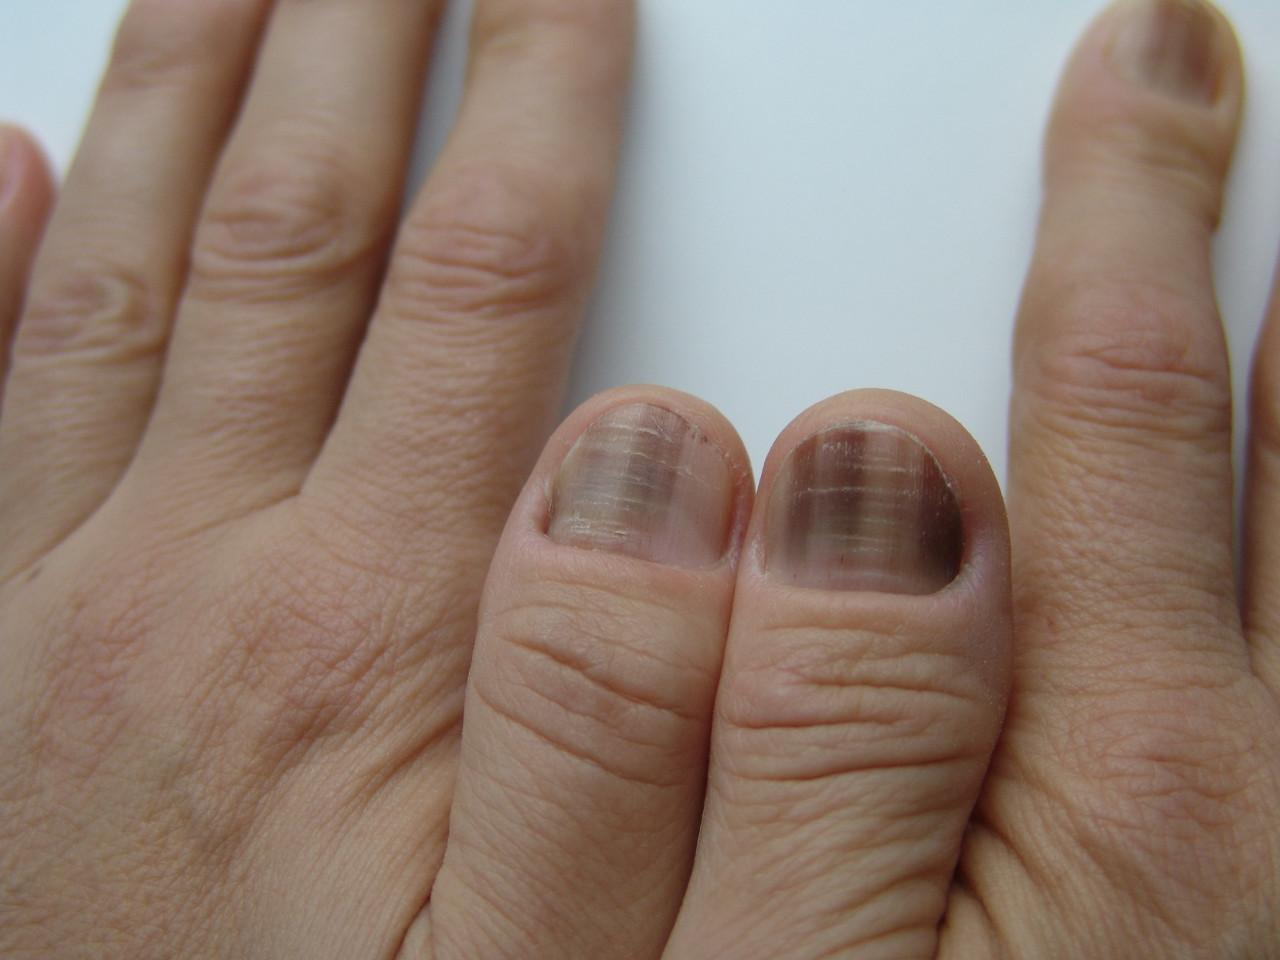 используется ногти здоровье диагностика фото экзамены, волнения